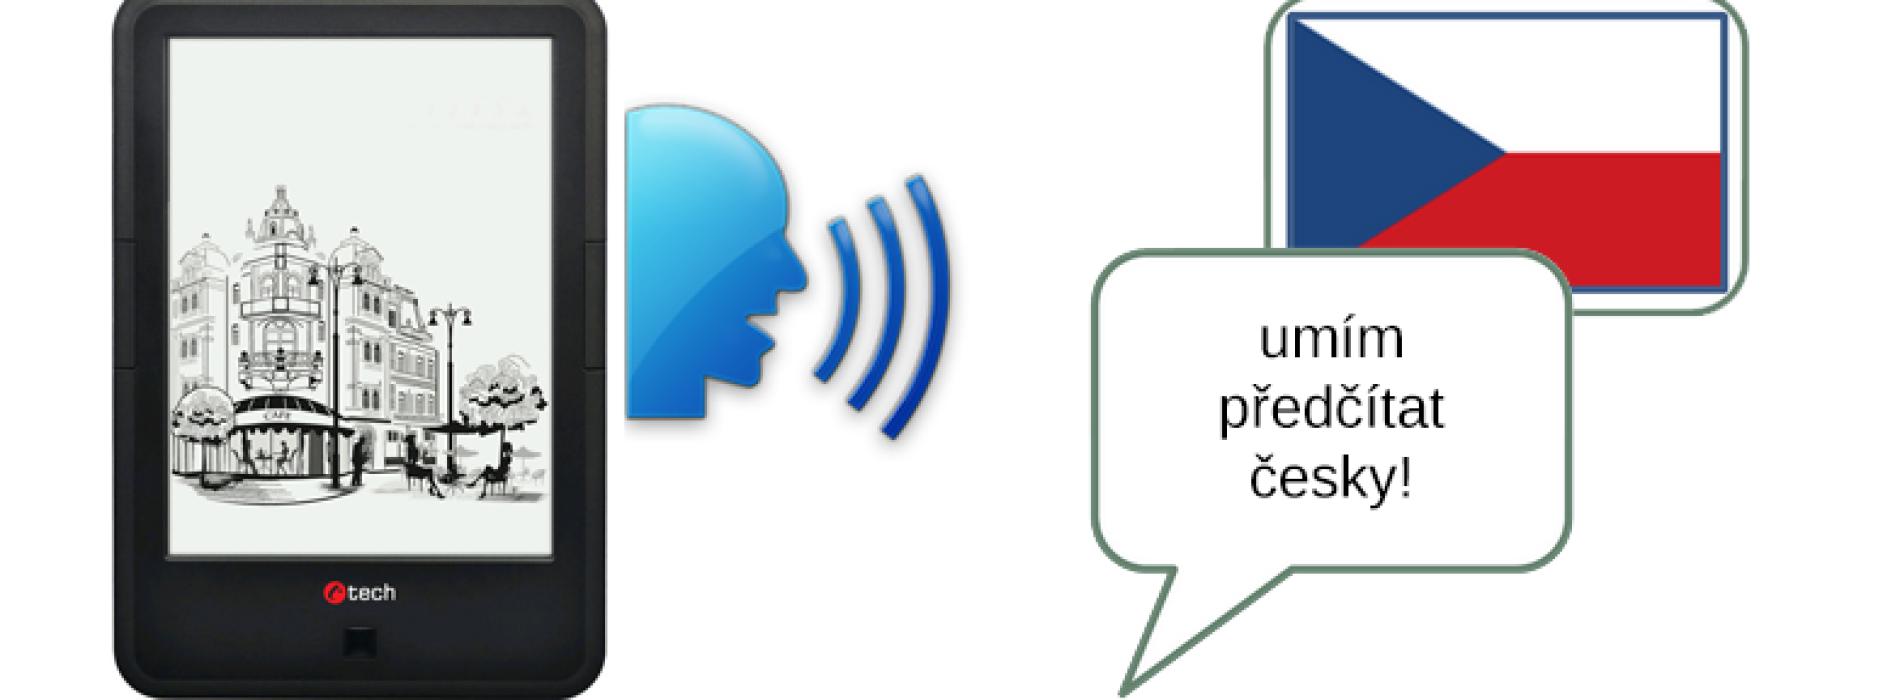 E-book čtečka s českým předčítáním – C-Tech Lexis